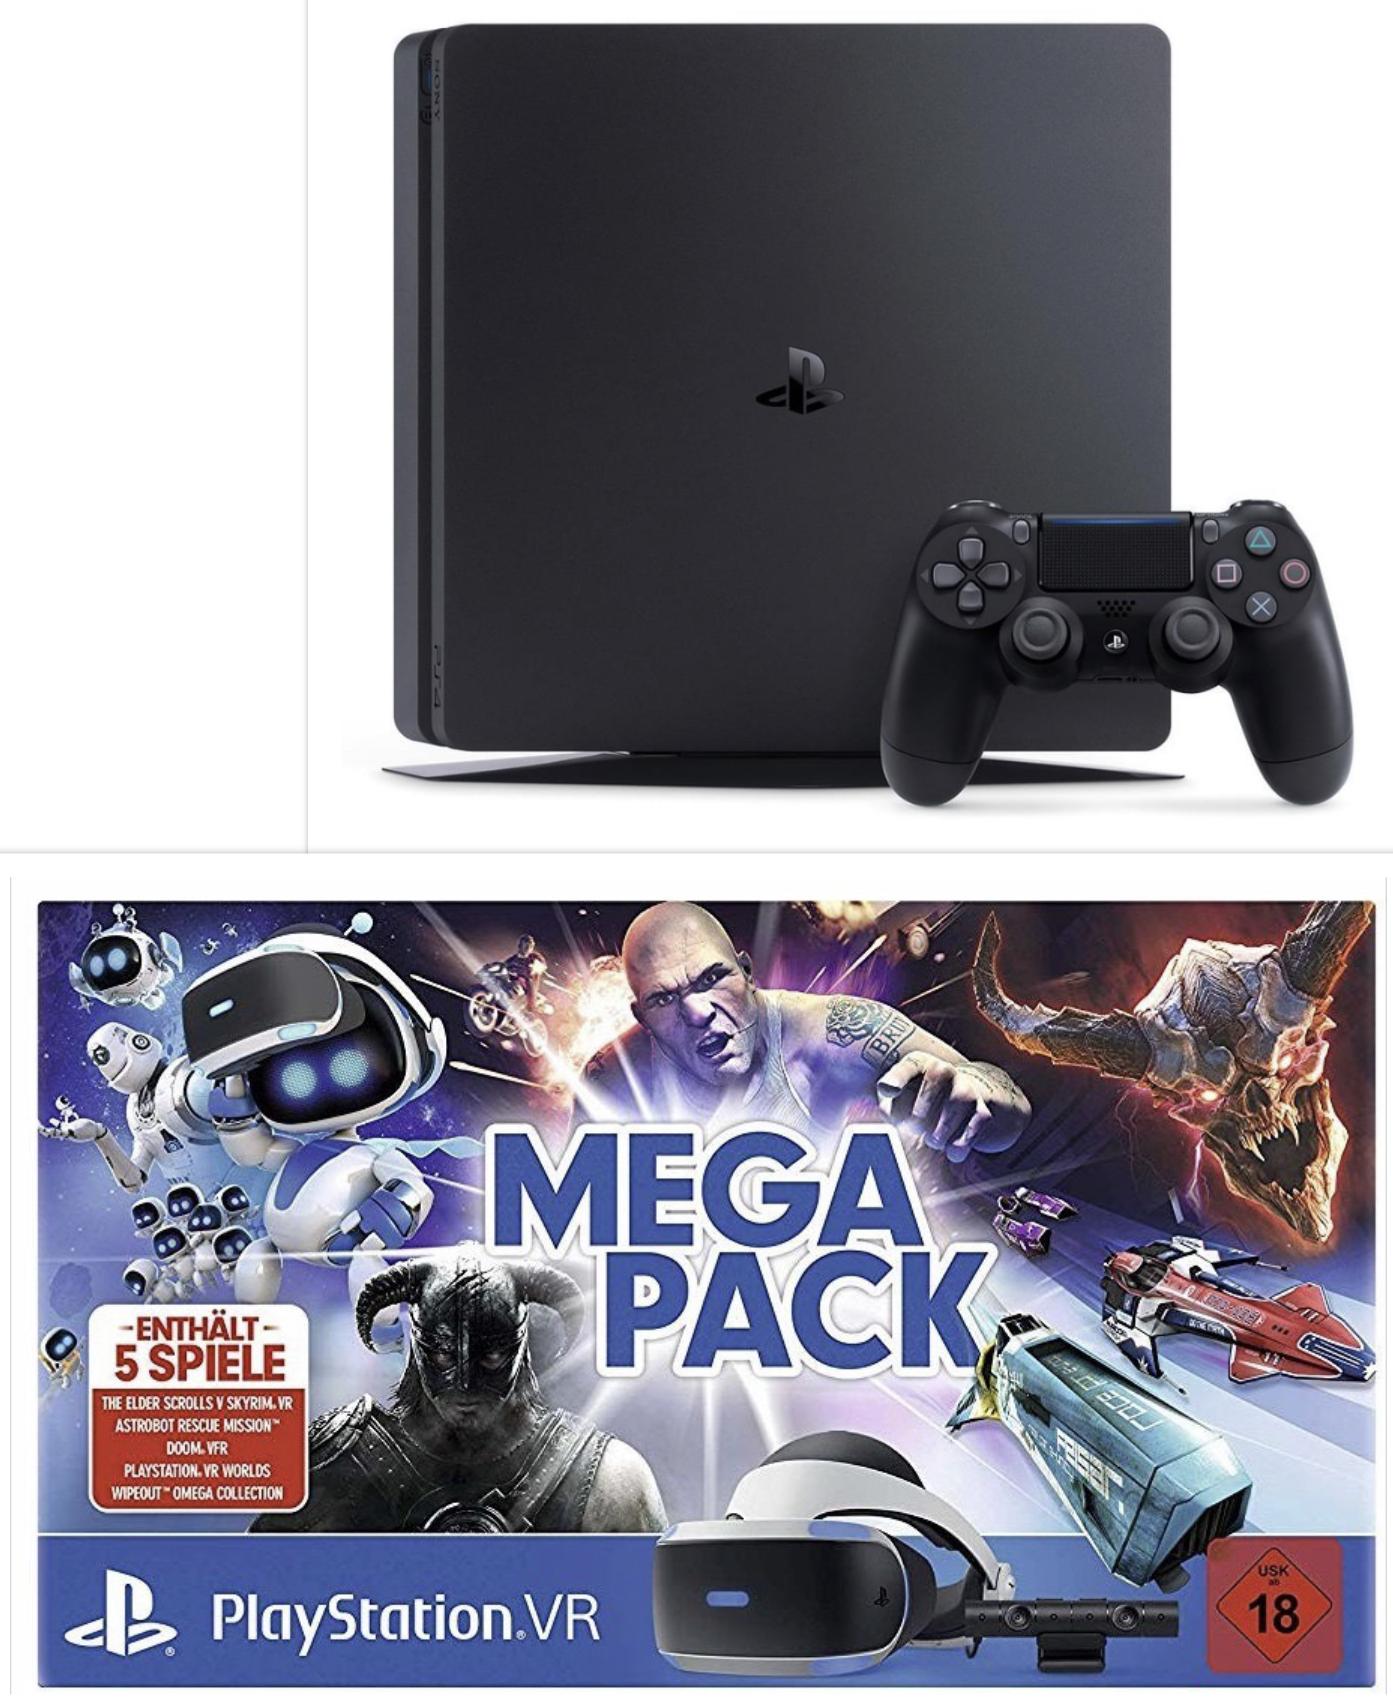 PlayStation VR MEGAPACK VR Brille + Kamera + 5 Spiele für 215,99€ oder VR + Cam + Worlds + AstroBot 188,99€ oder PS4 Slim 500GB für 188,99€